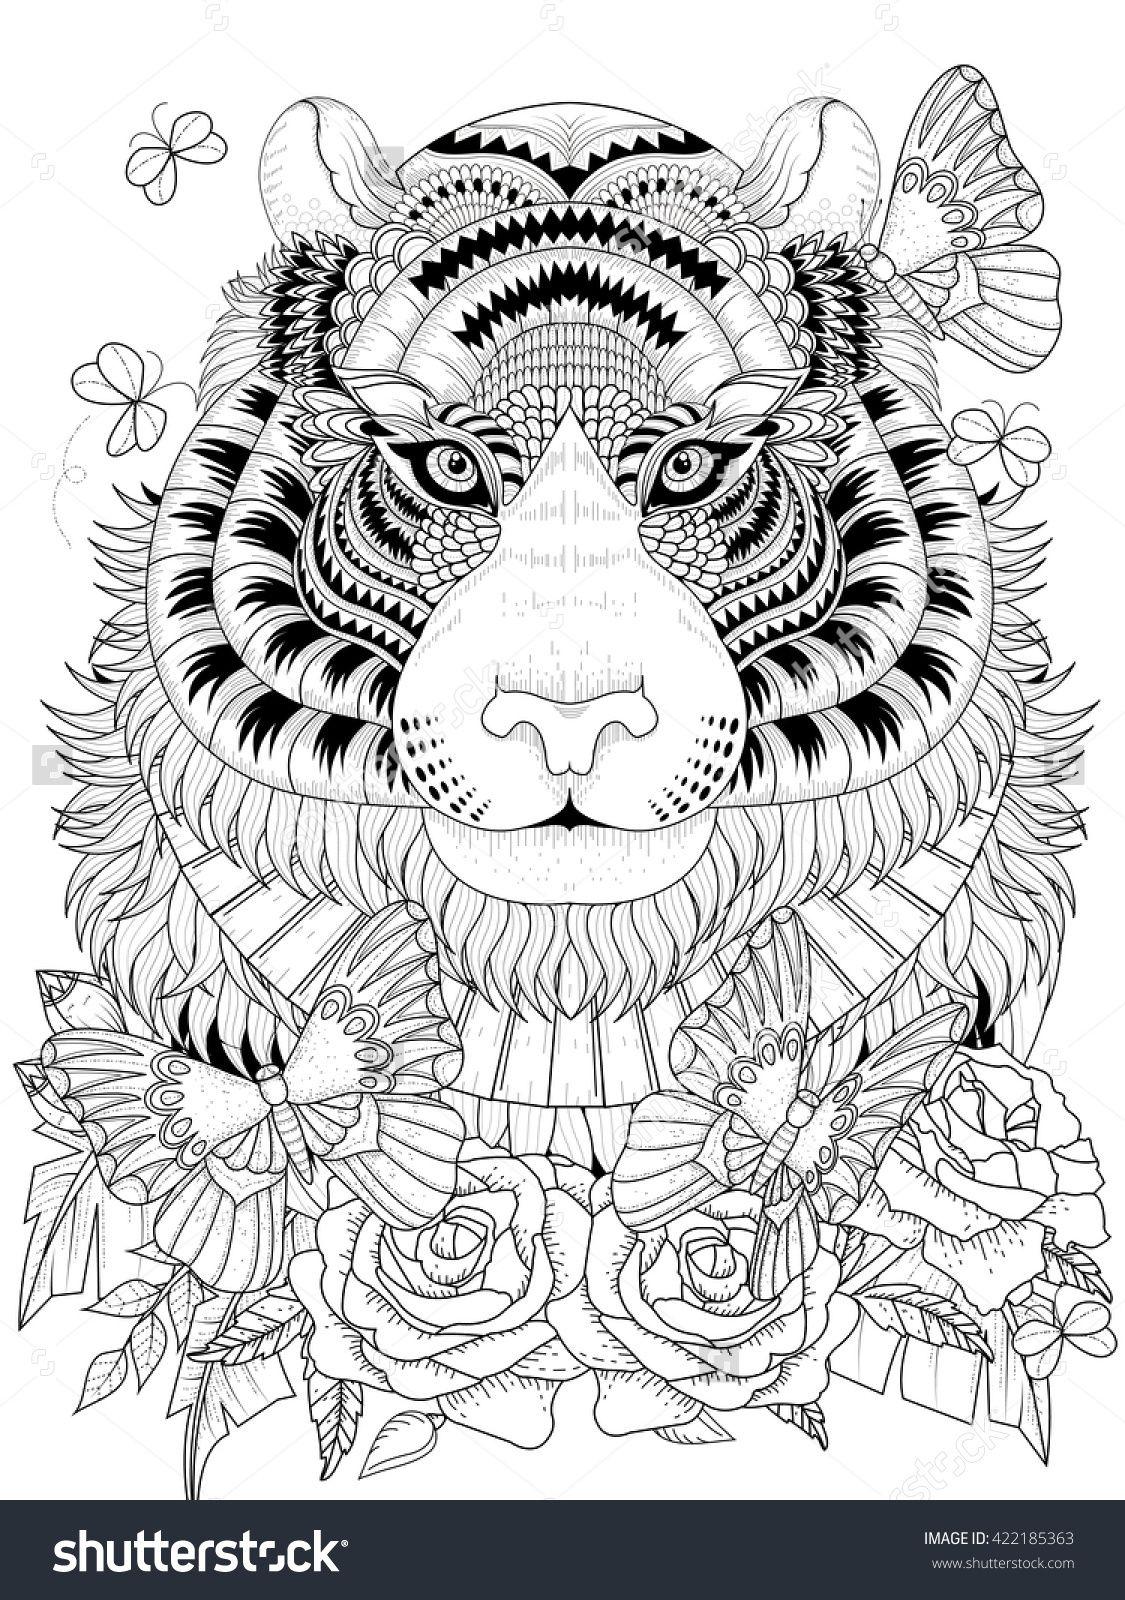 Imposing Tiger With Floral Element Adult Coloring Page Ilustracion Vectorial Mandalas Para Imprimir Pdf Libros Para Colorear Ilustraciones